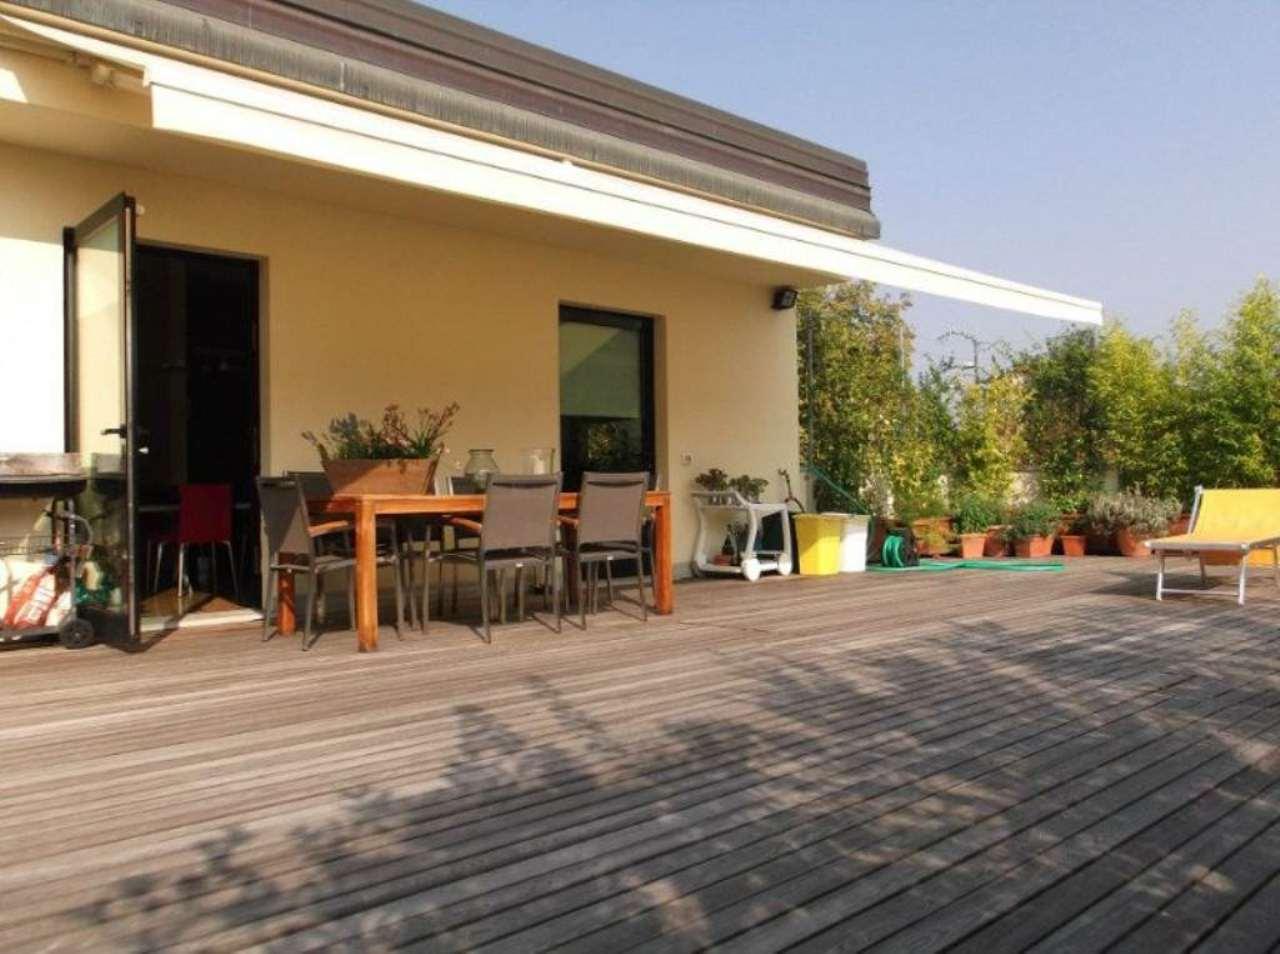 Attico / Mansarda in vendita a Lodi, 3 locali, prezzo € 650.000 | Cambio Casa.it